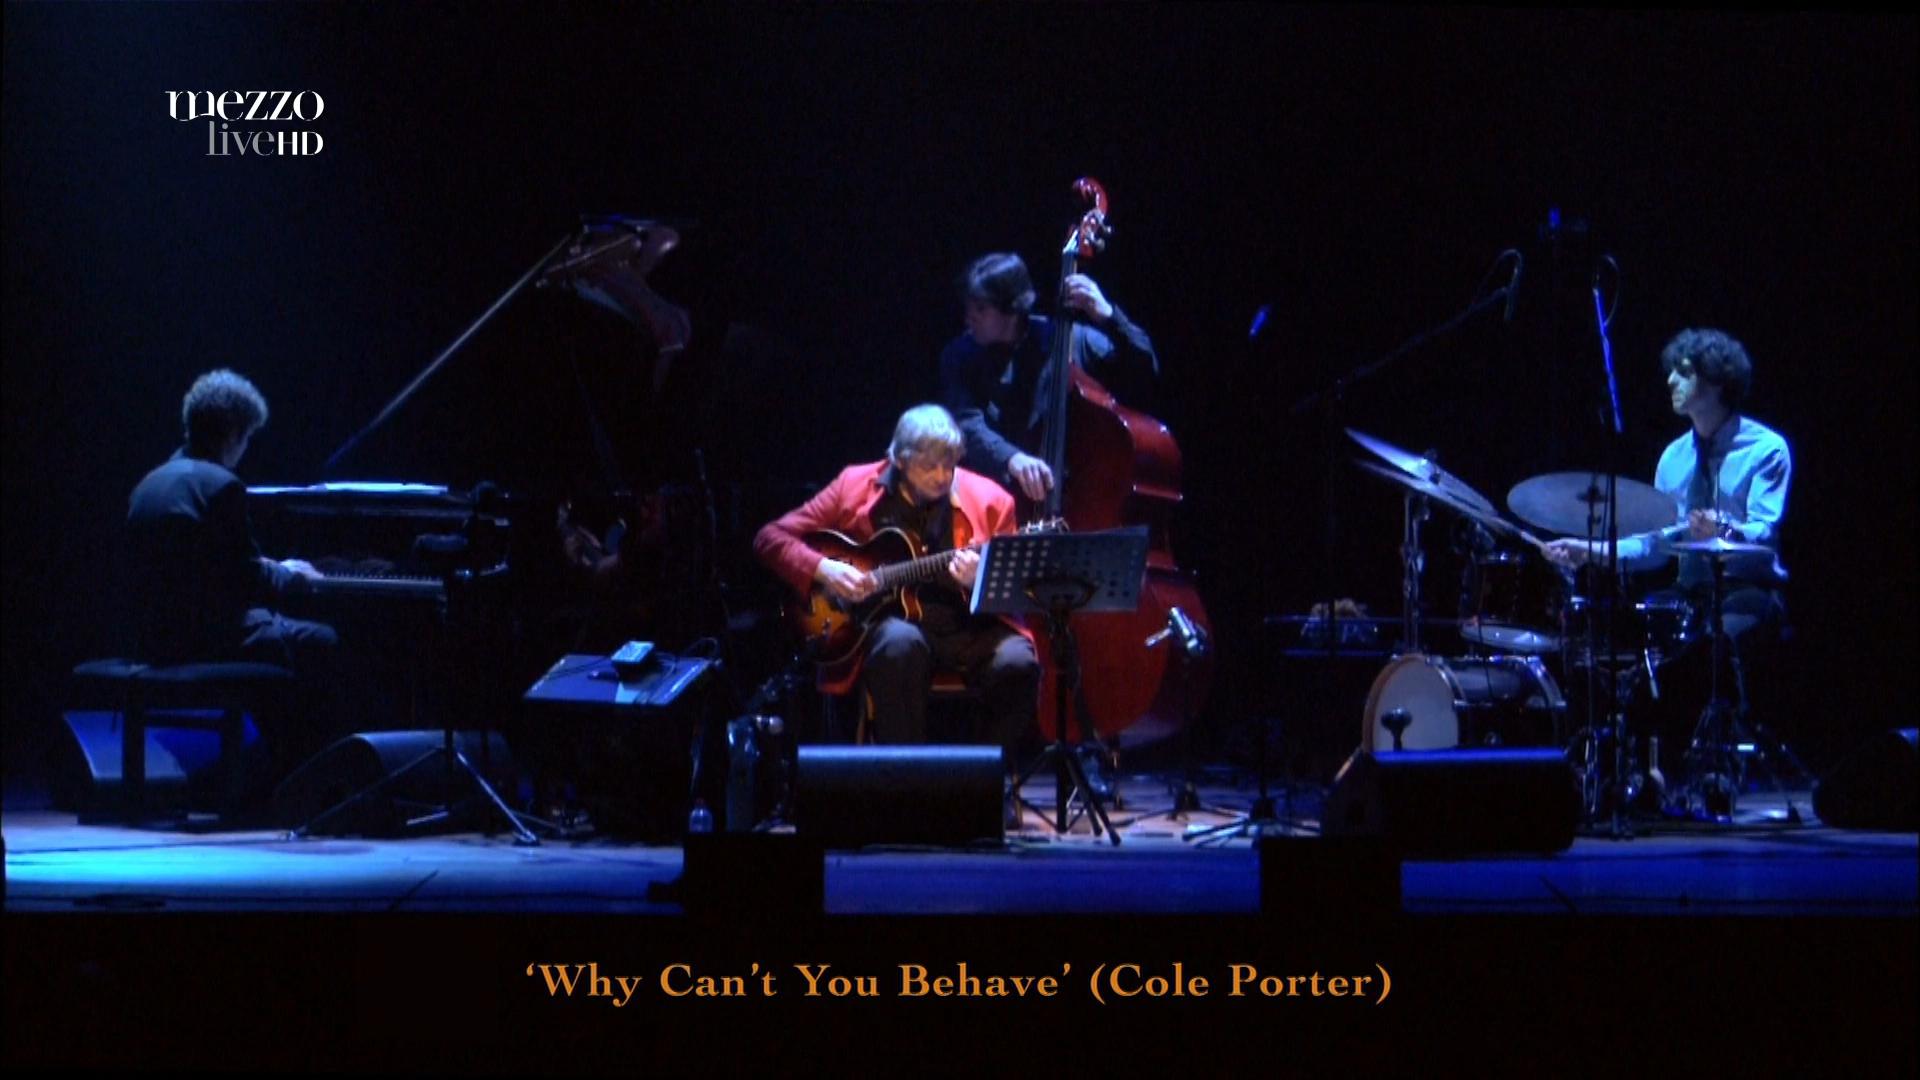 2012 Philip Catherine - 70th Birthday Tour - Skoda Jazz Festival [HDTV 1080i] 0